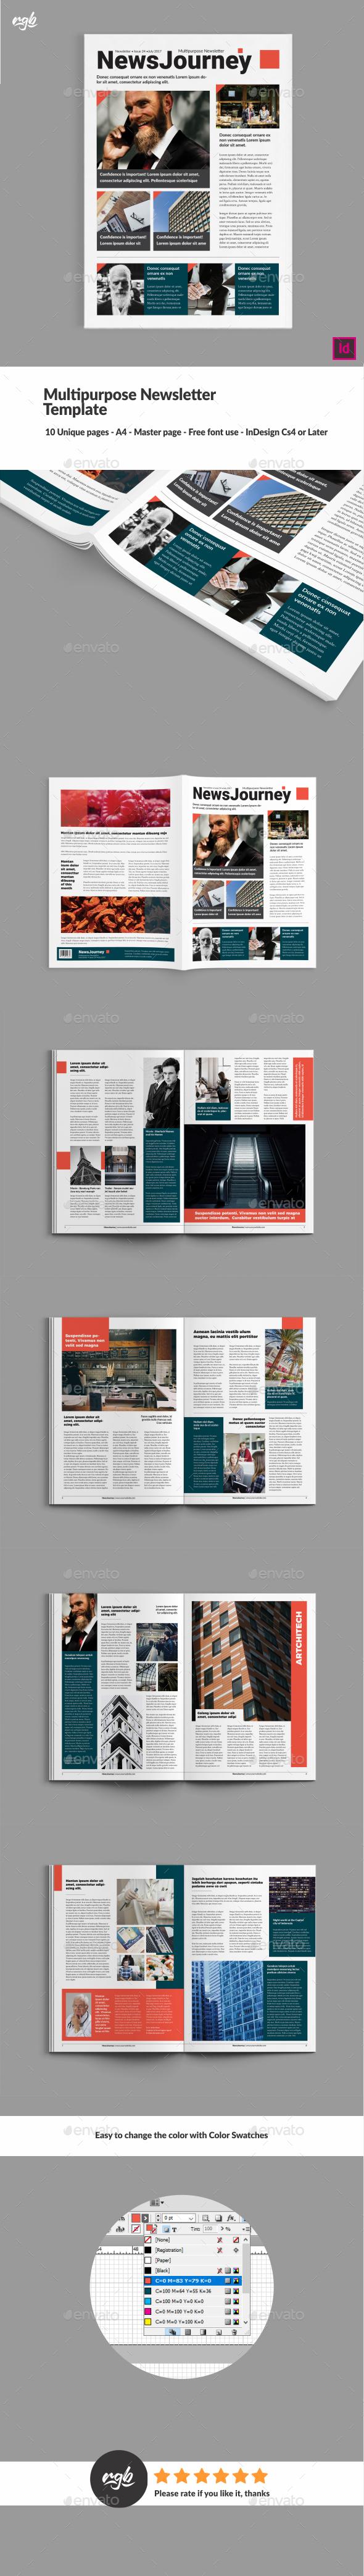 NewsJourney Multipurpose Newsletter Template - Newsletters Print Templates